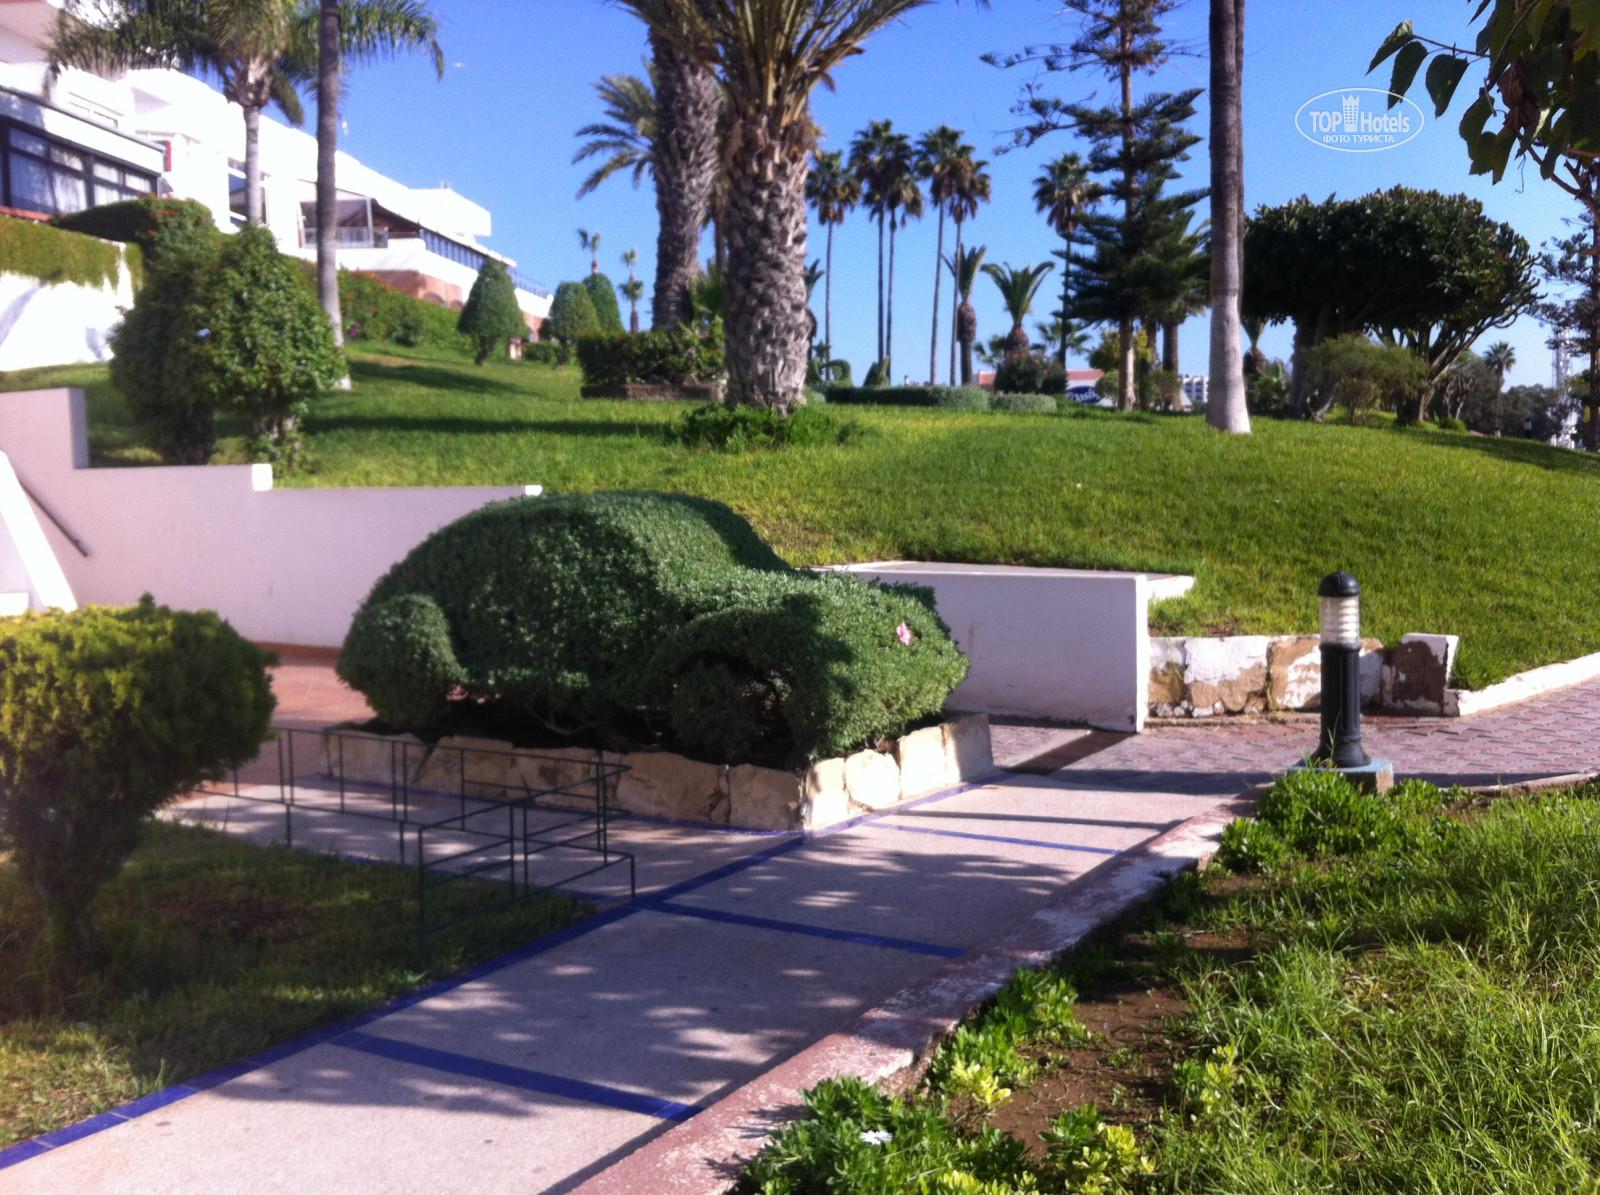 All photos: Hotel photo отеля Al Moggar Garden Beach Club 4*. Rating ...